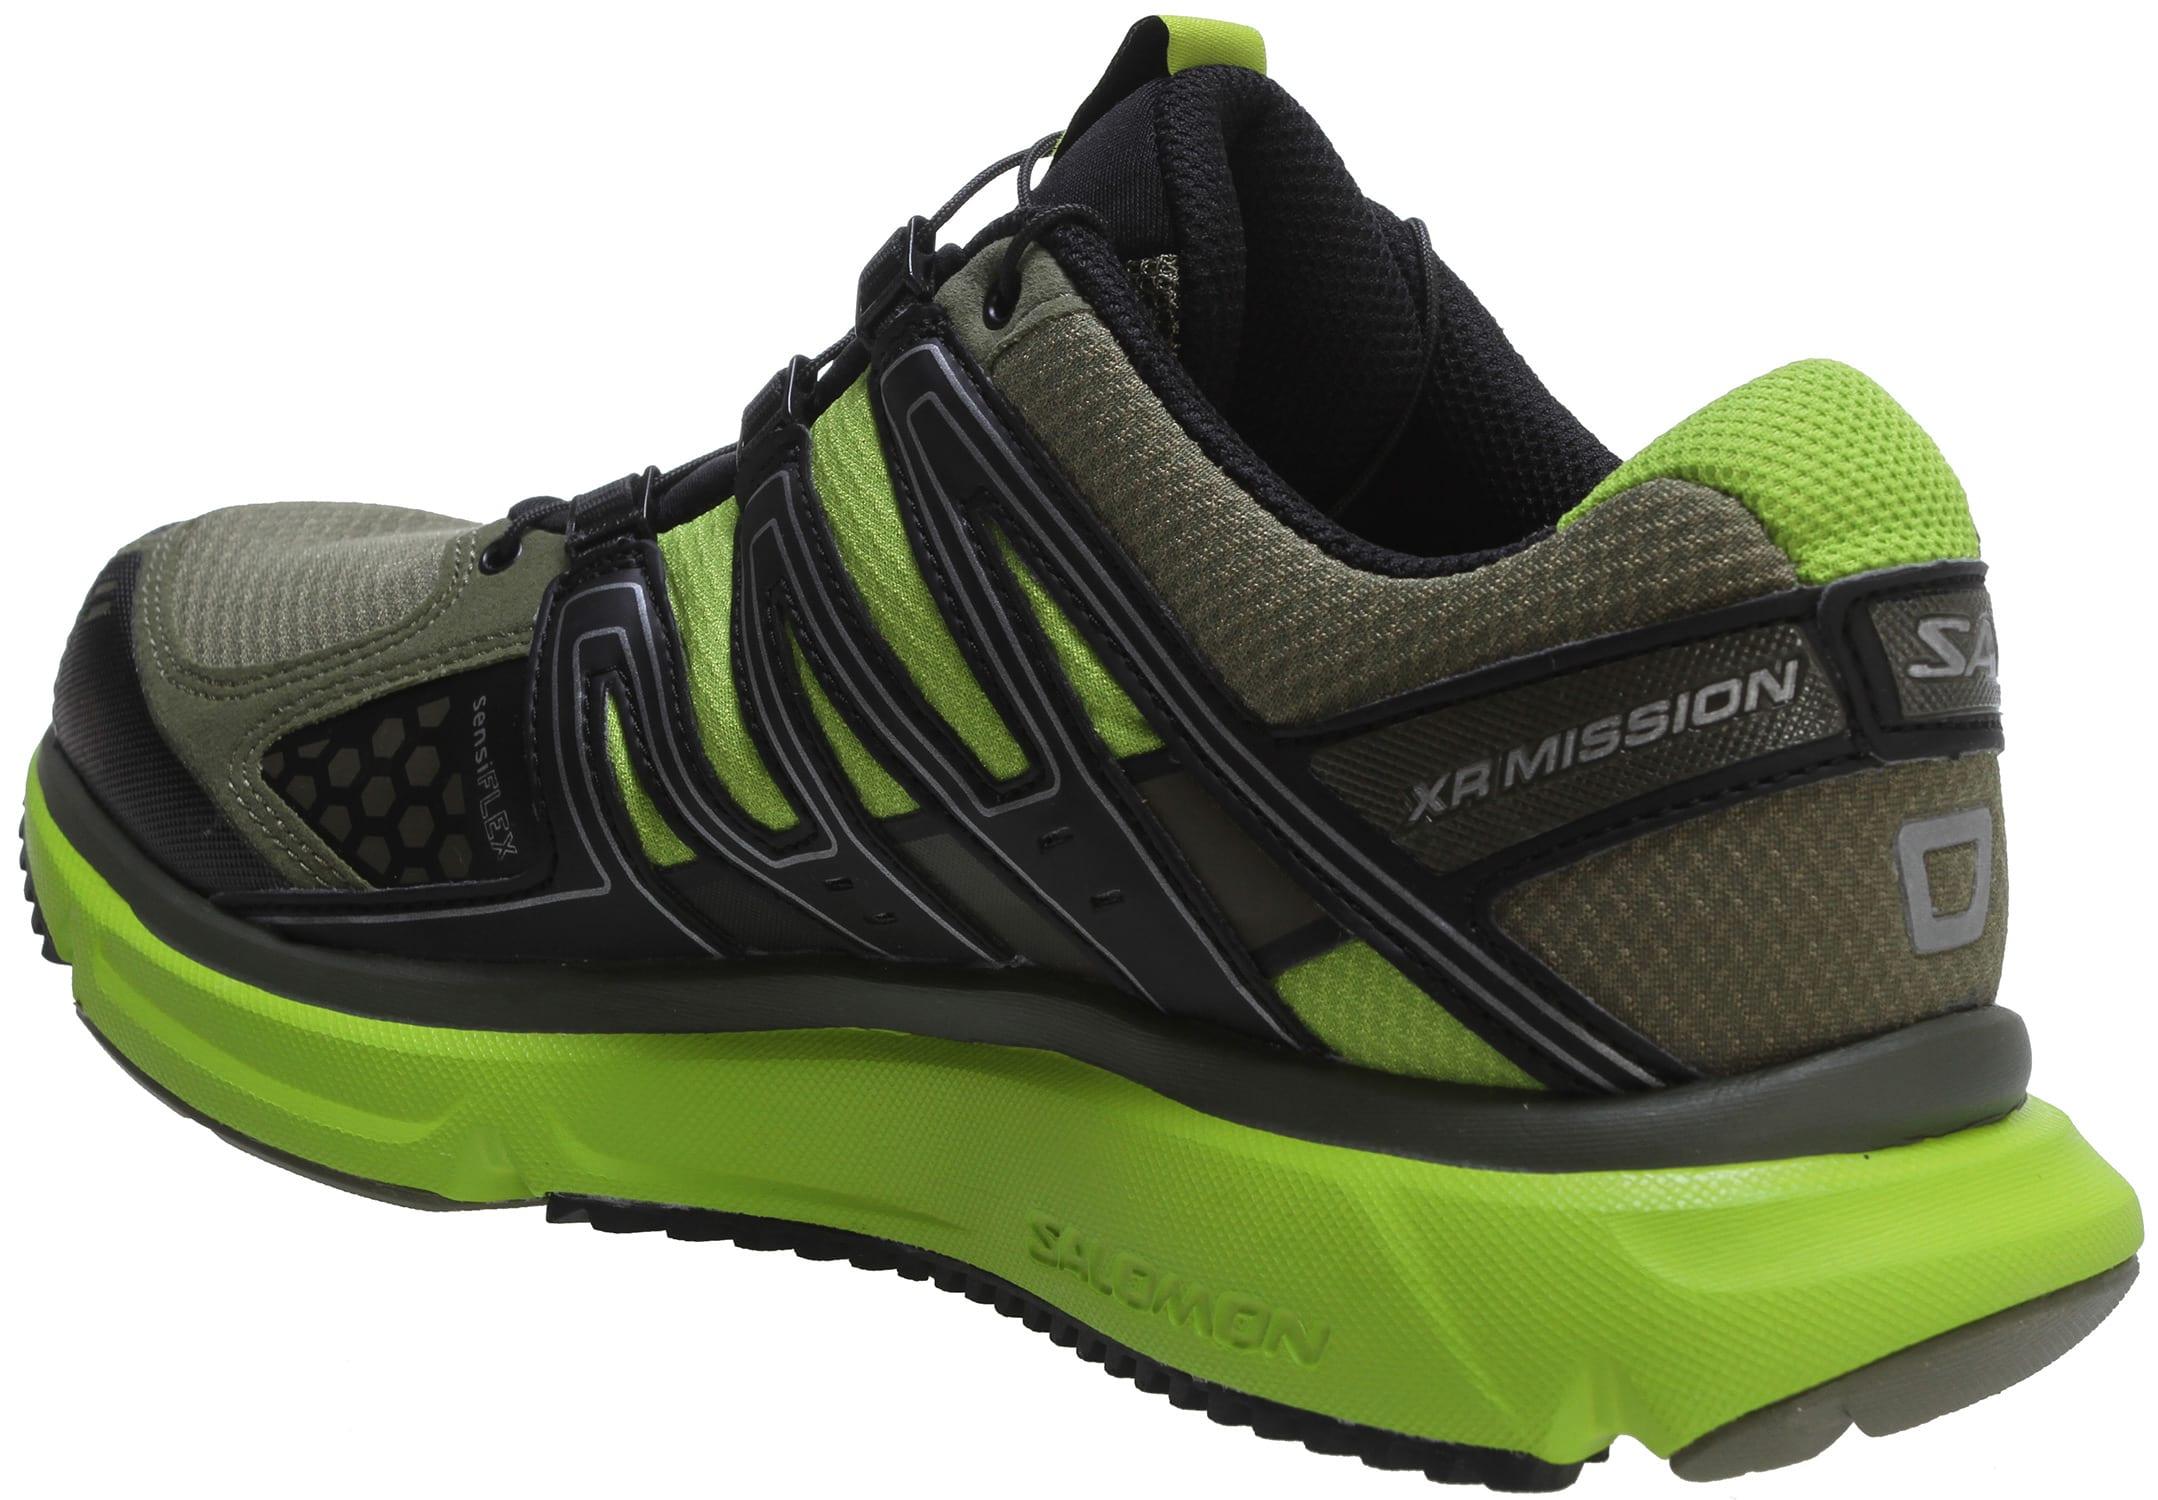 Salomon Xr Mission Cs Womens Shoes